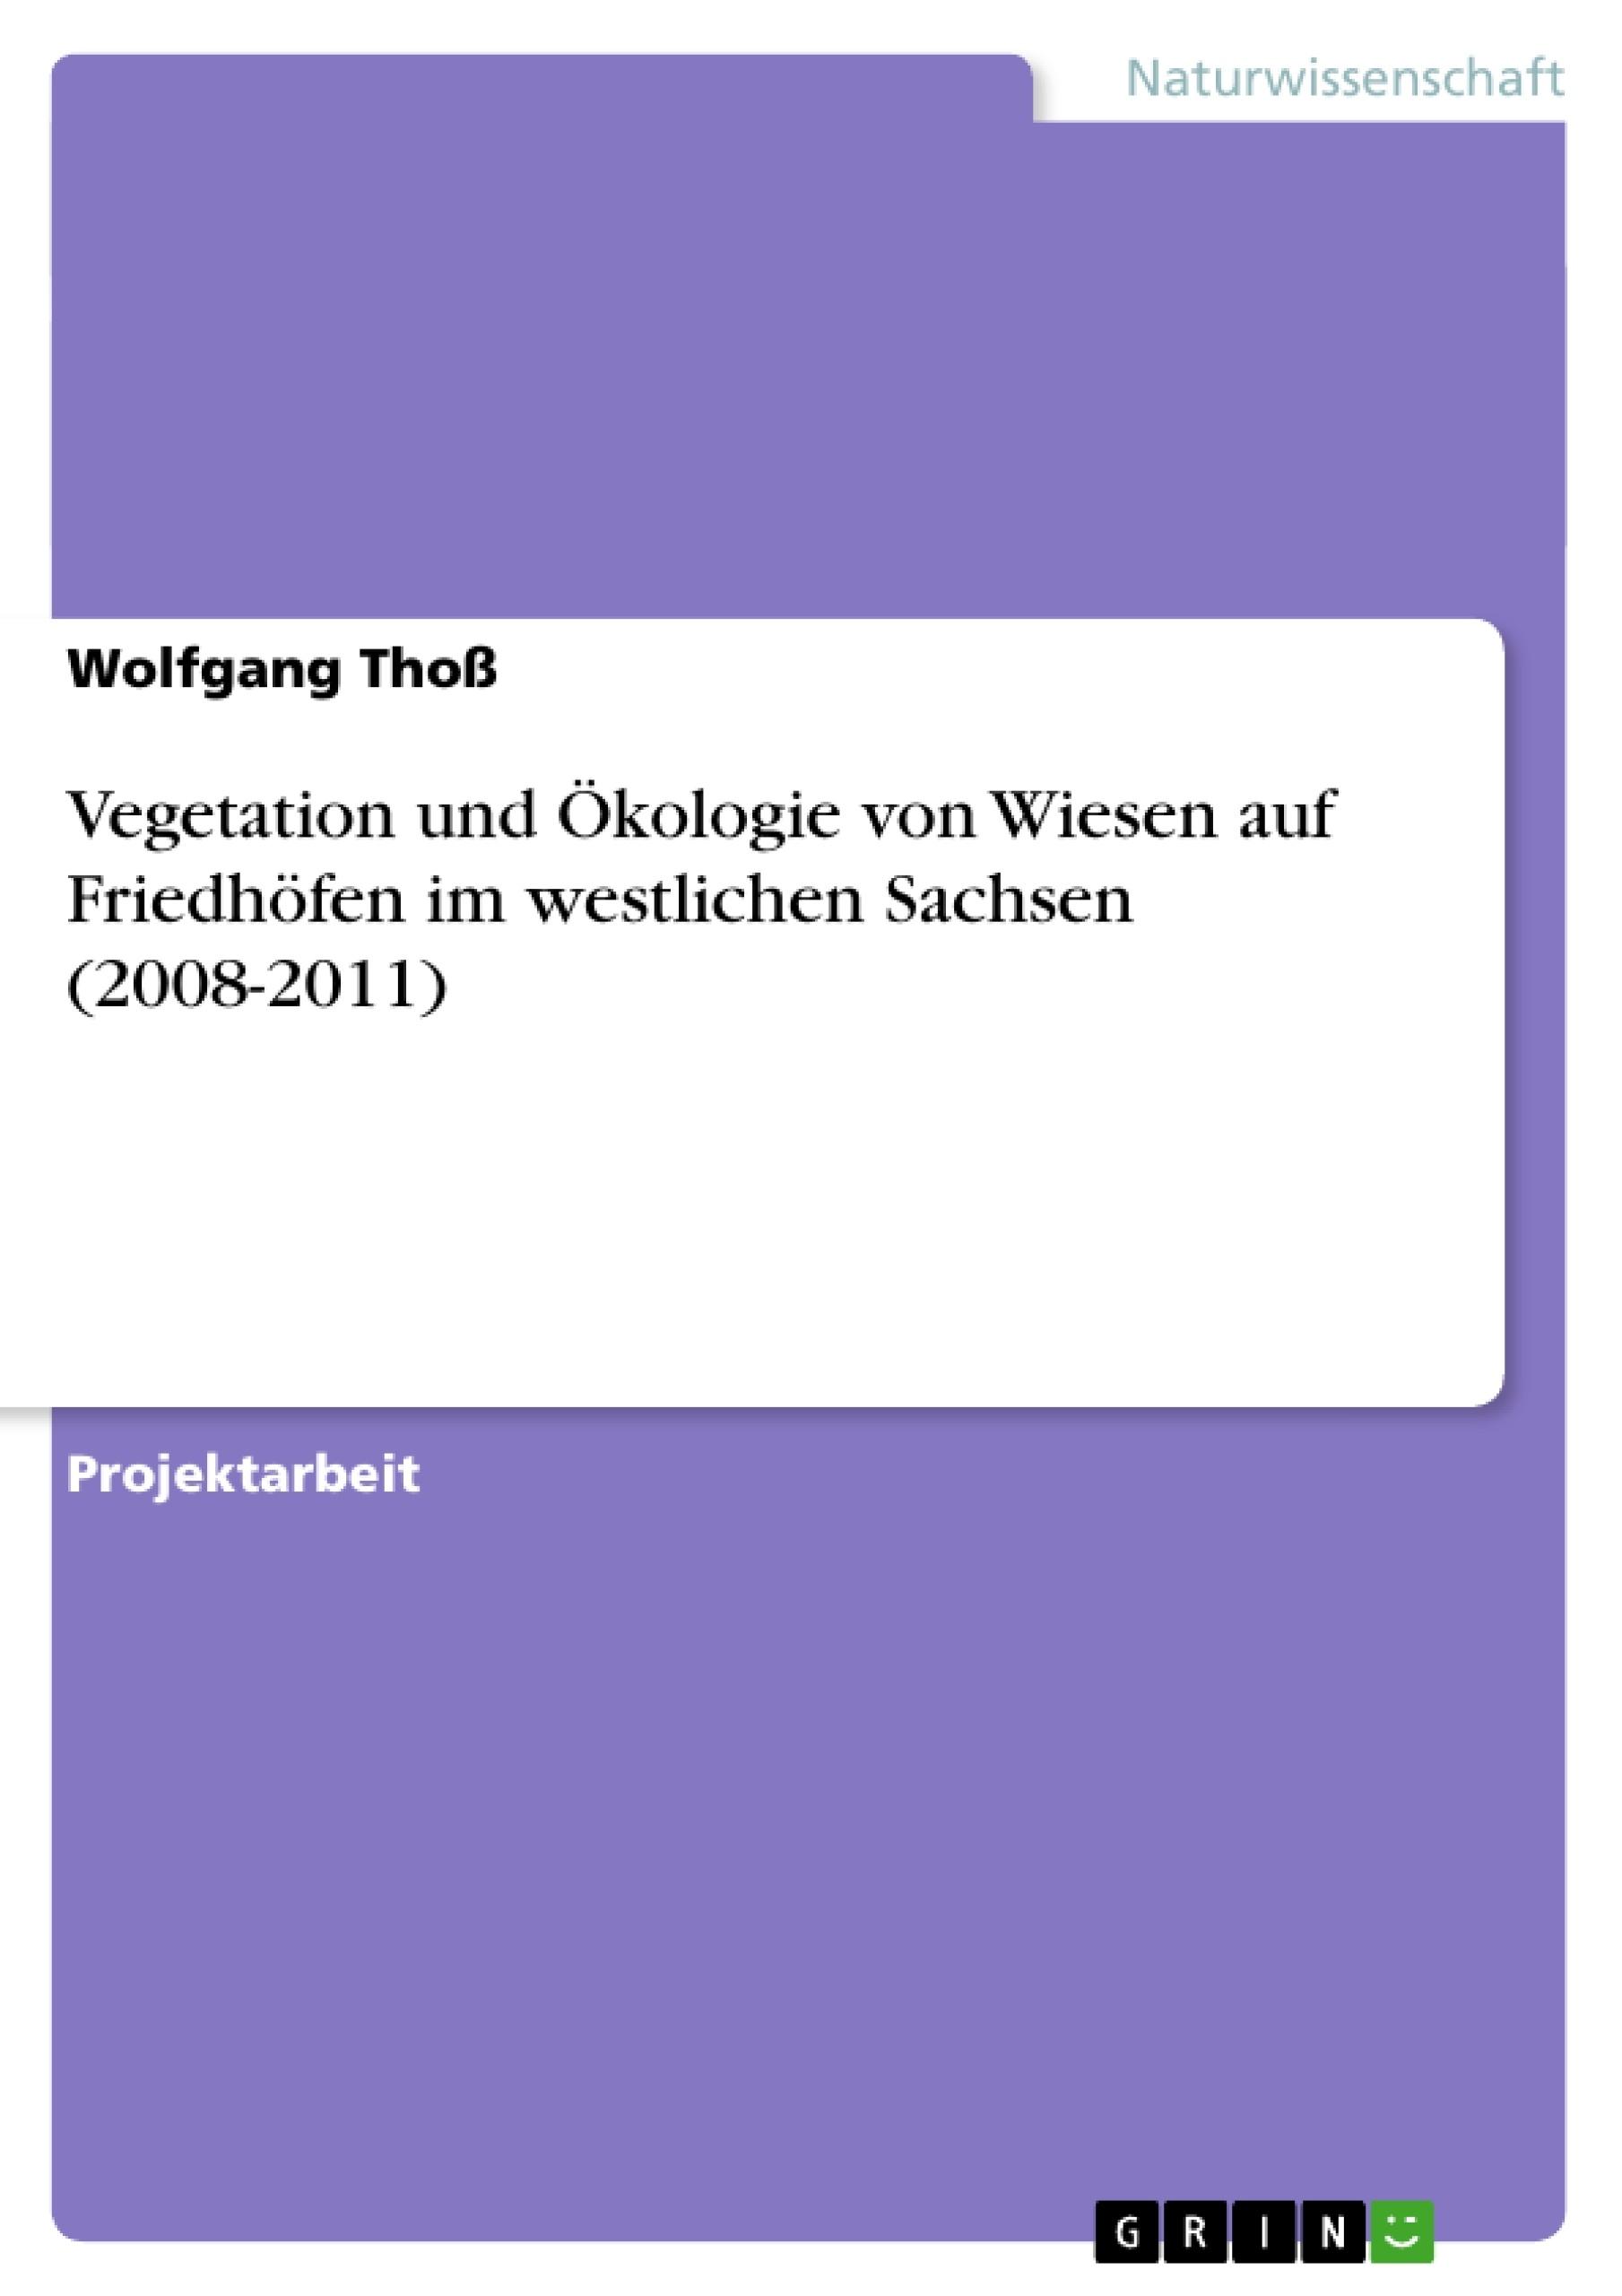 Titel: Vegetation und Ökologie von Wiesen auf Friedhöfen im westlichen Sachsen (2008-2011)